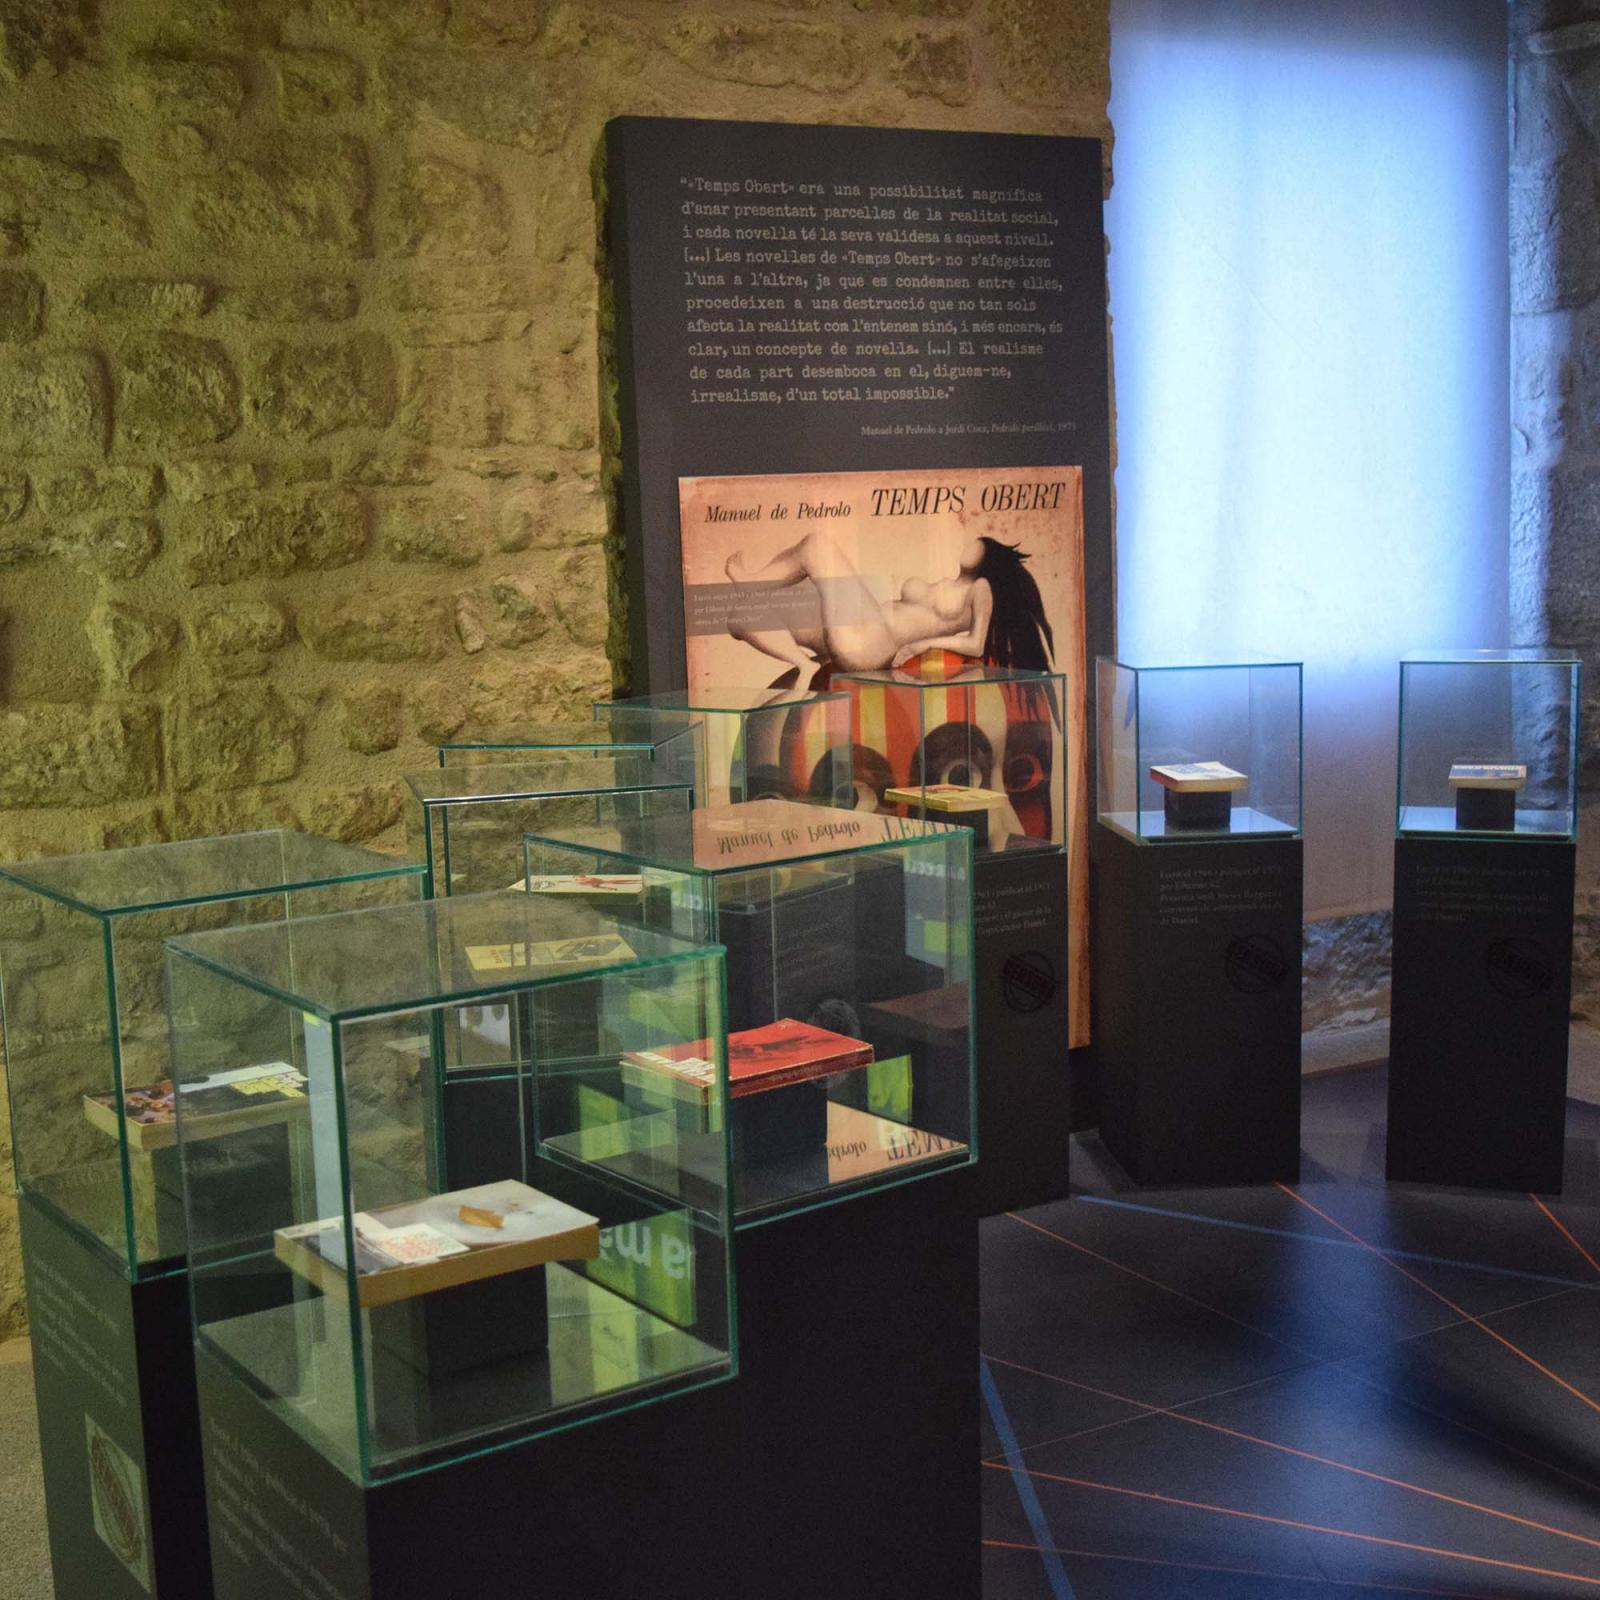 Museu de Espai Pedrolo